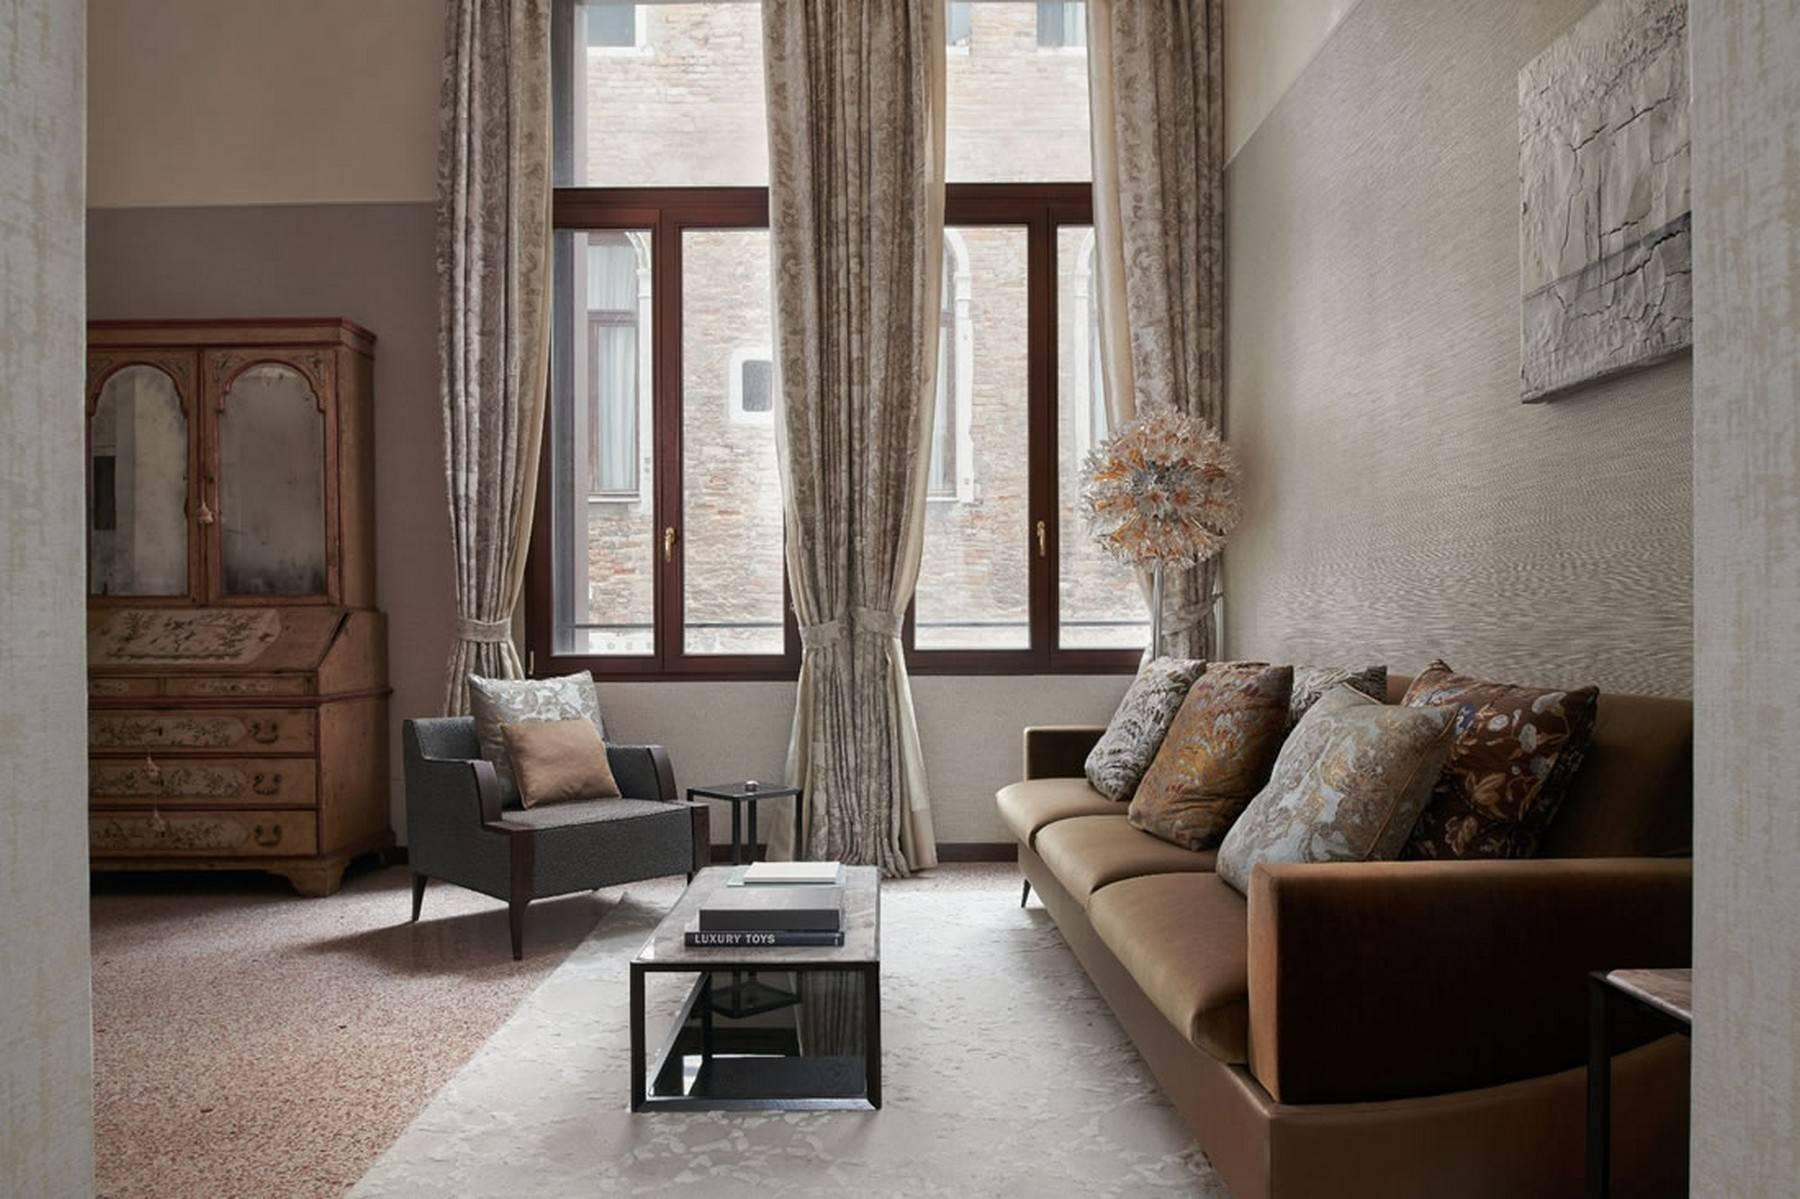 Stylish Rubelli designed apartment - 1